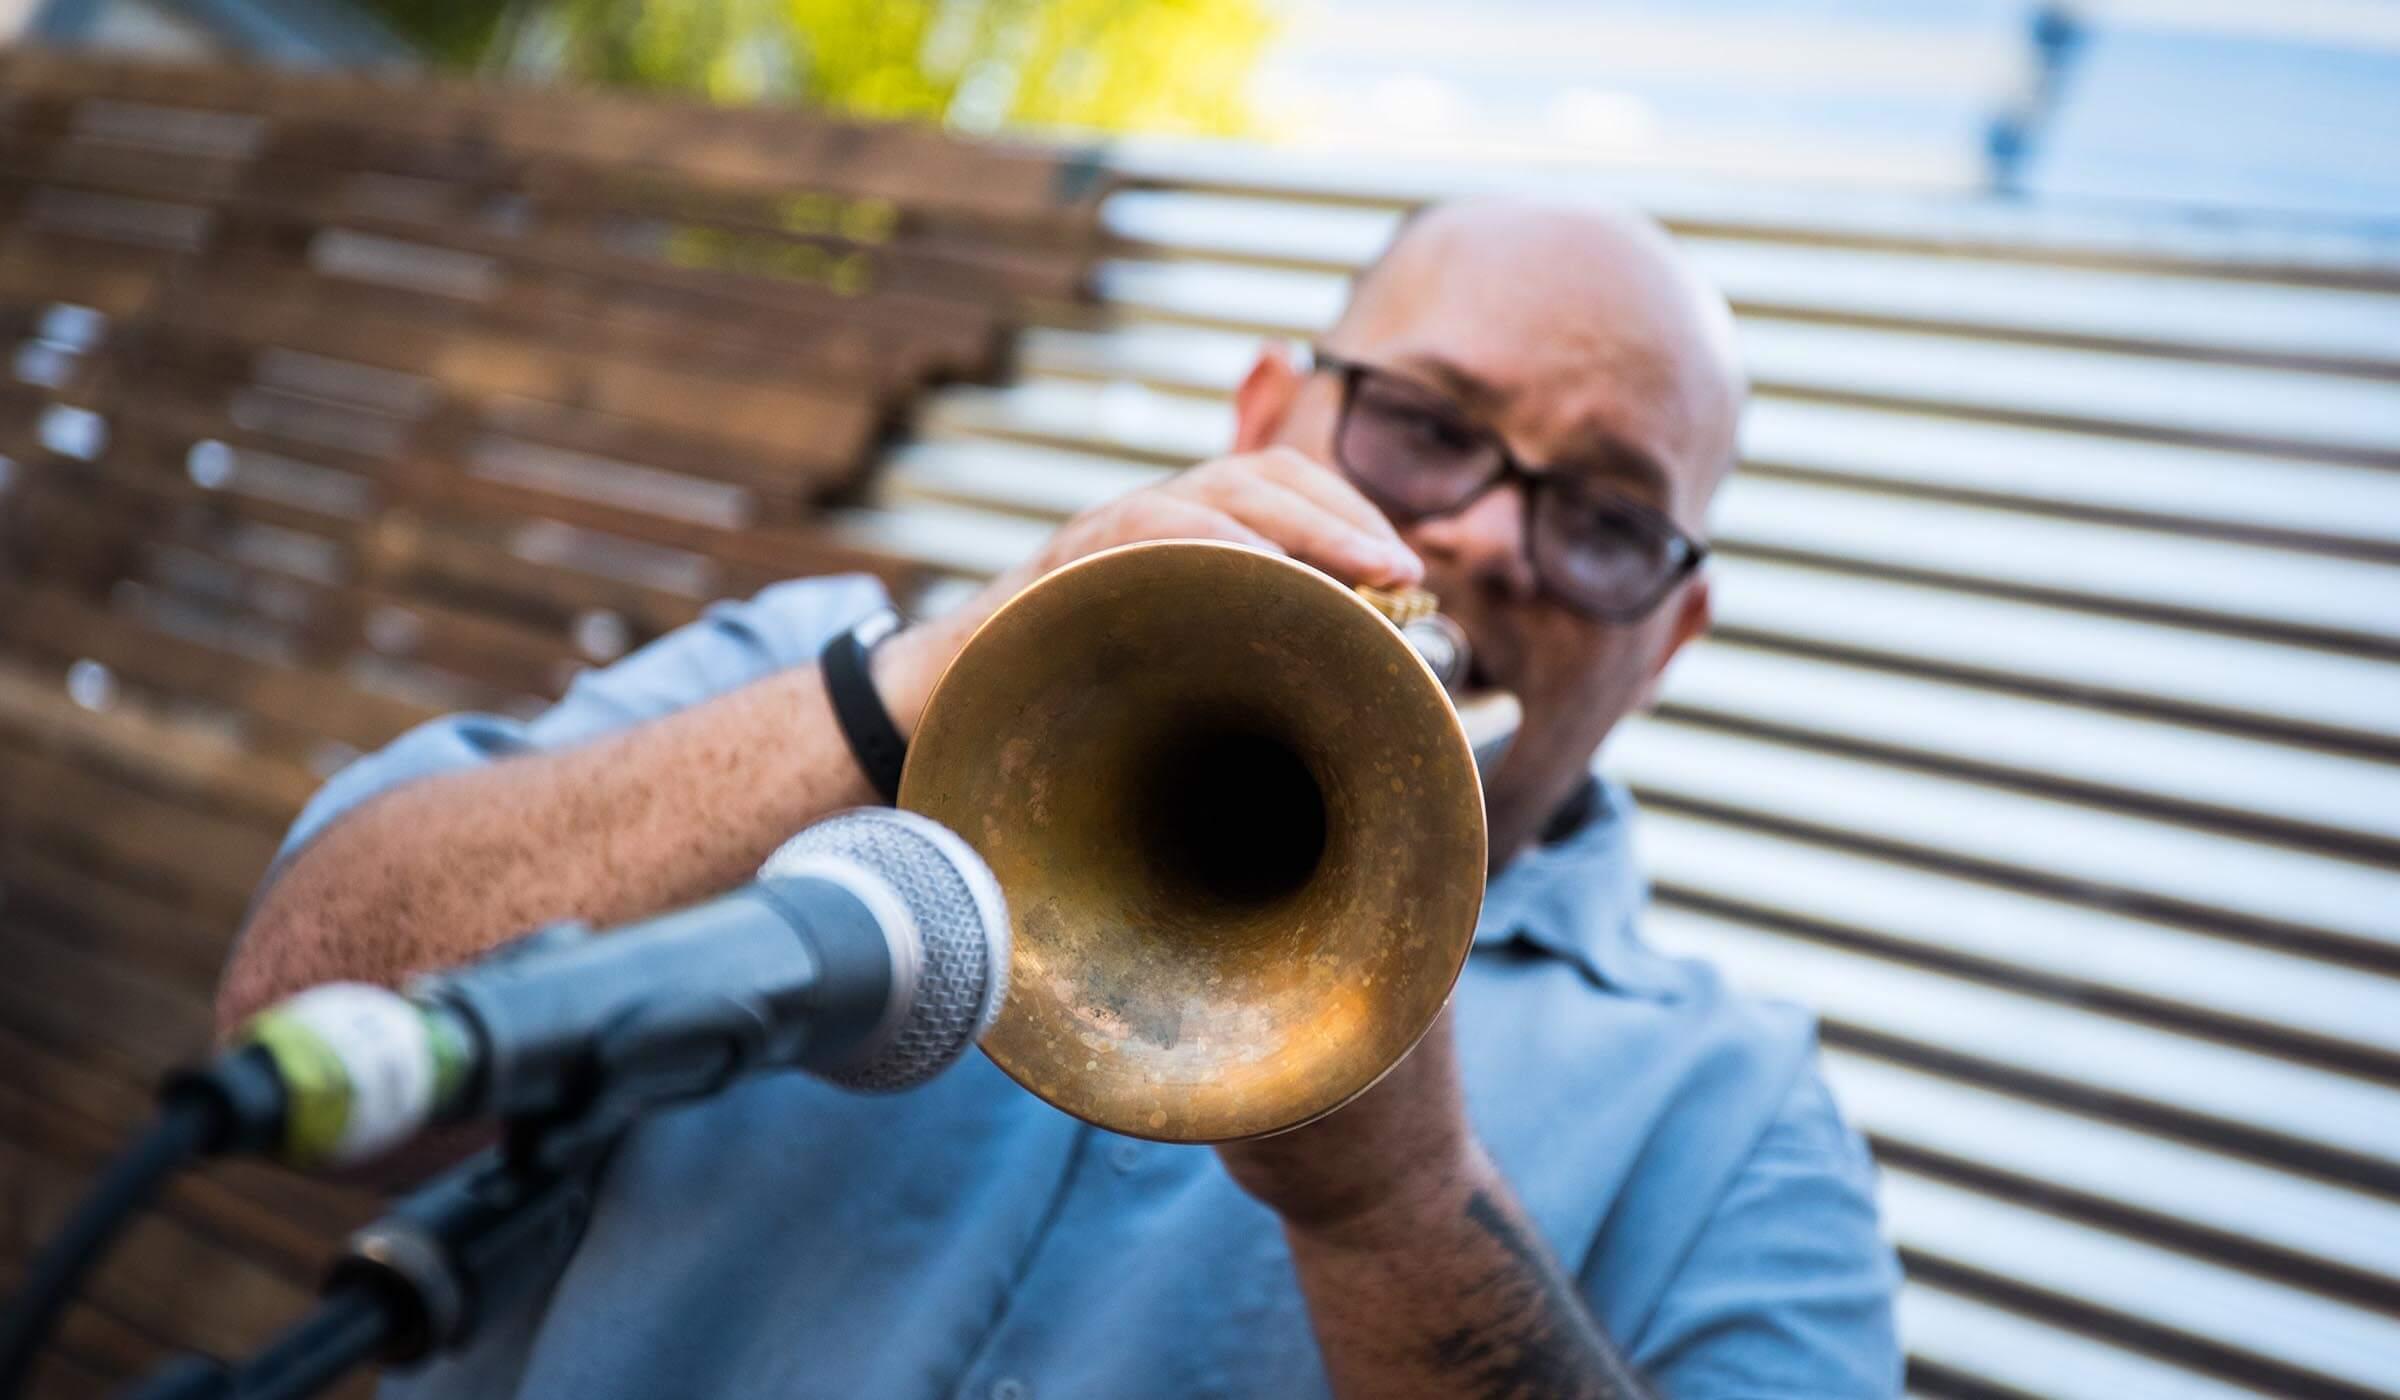 la victoria 100 year celebration event trumpet player